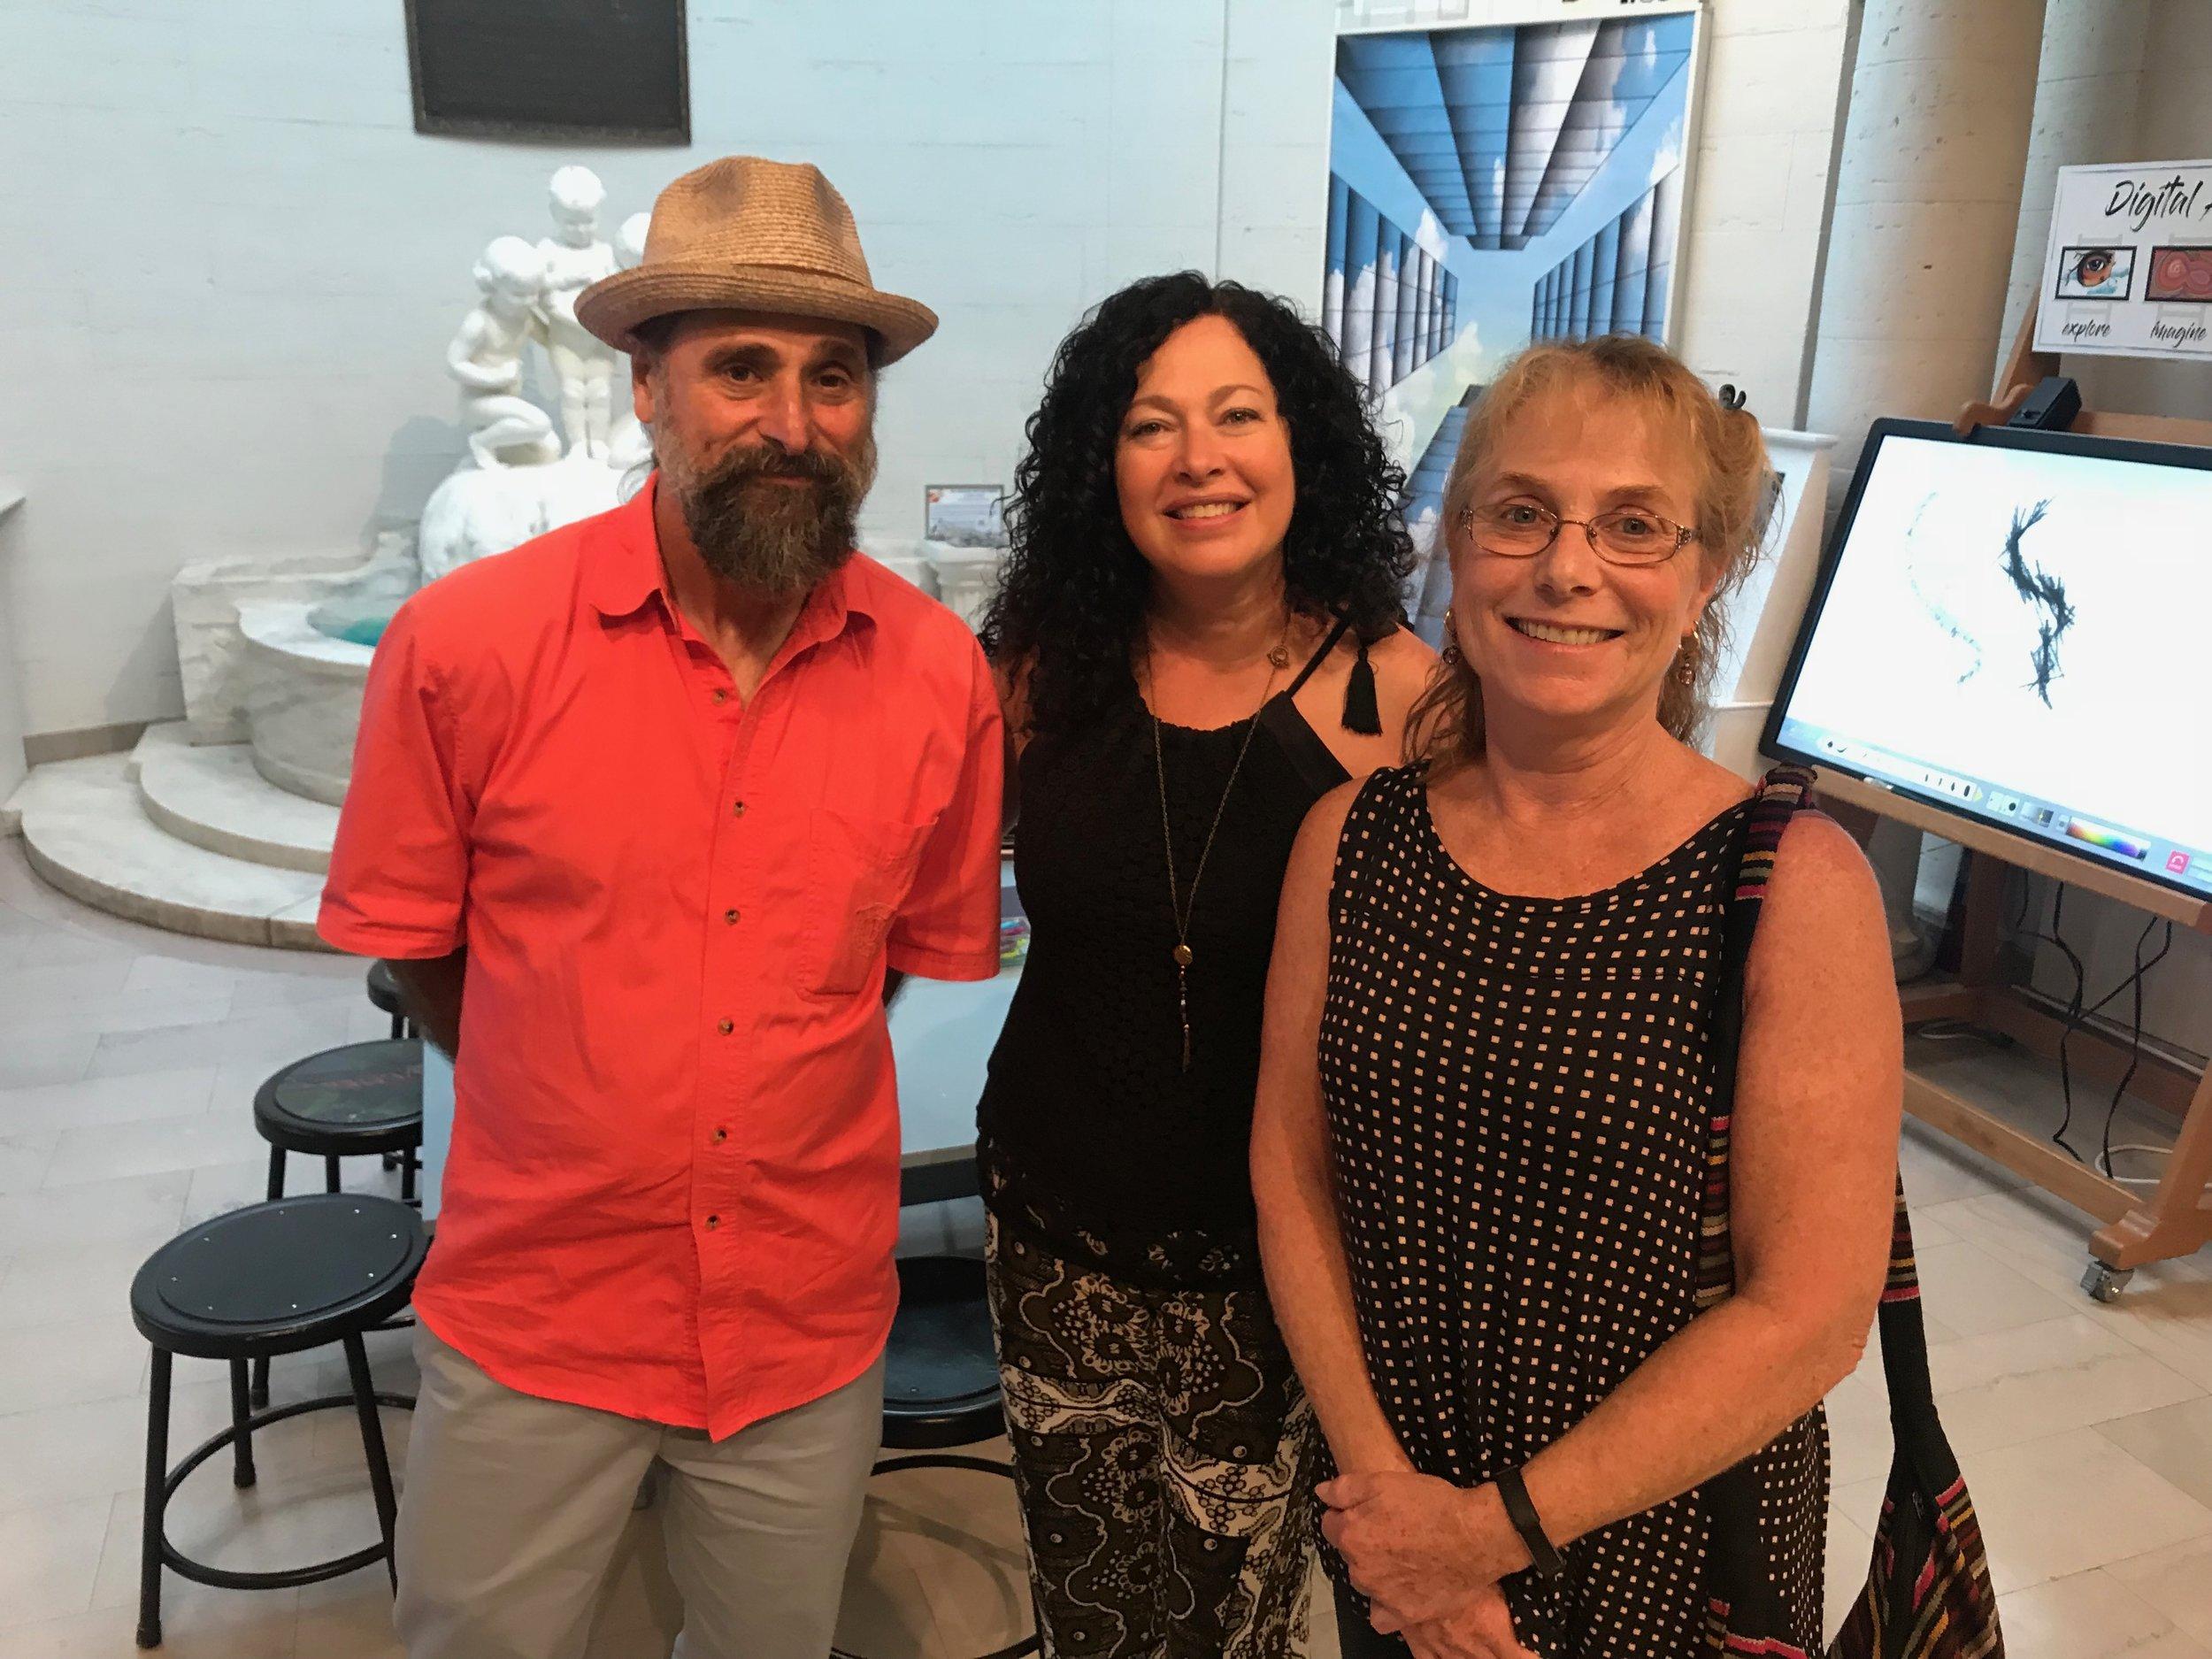 Artists John Cino and Rachelle Krieger with Heckscher Museum Curator Lisa Chalif